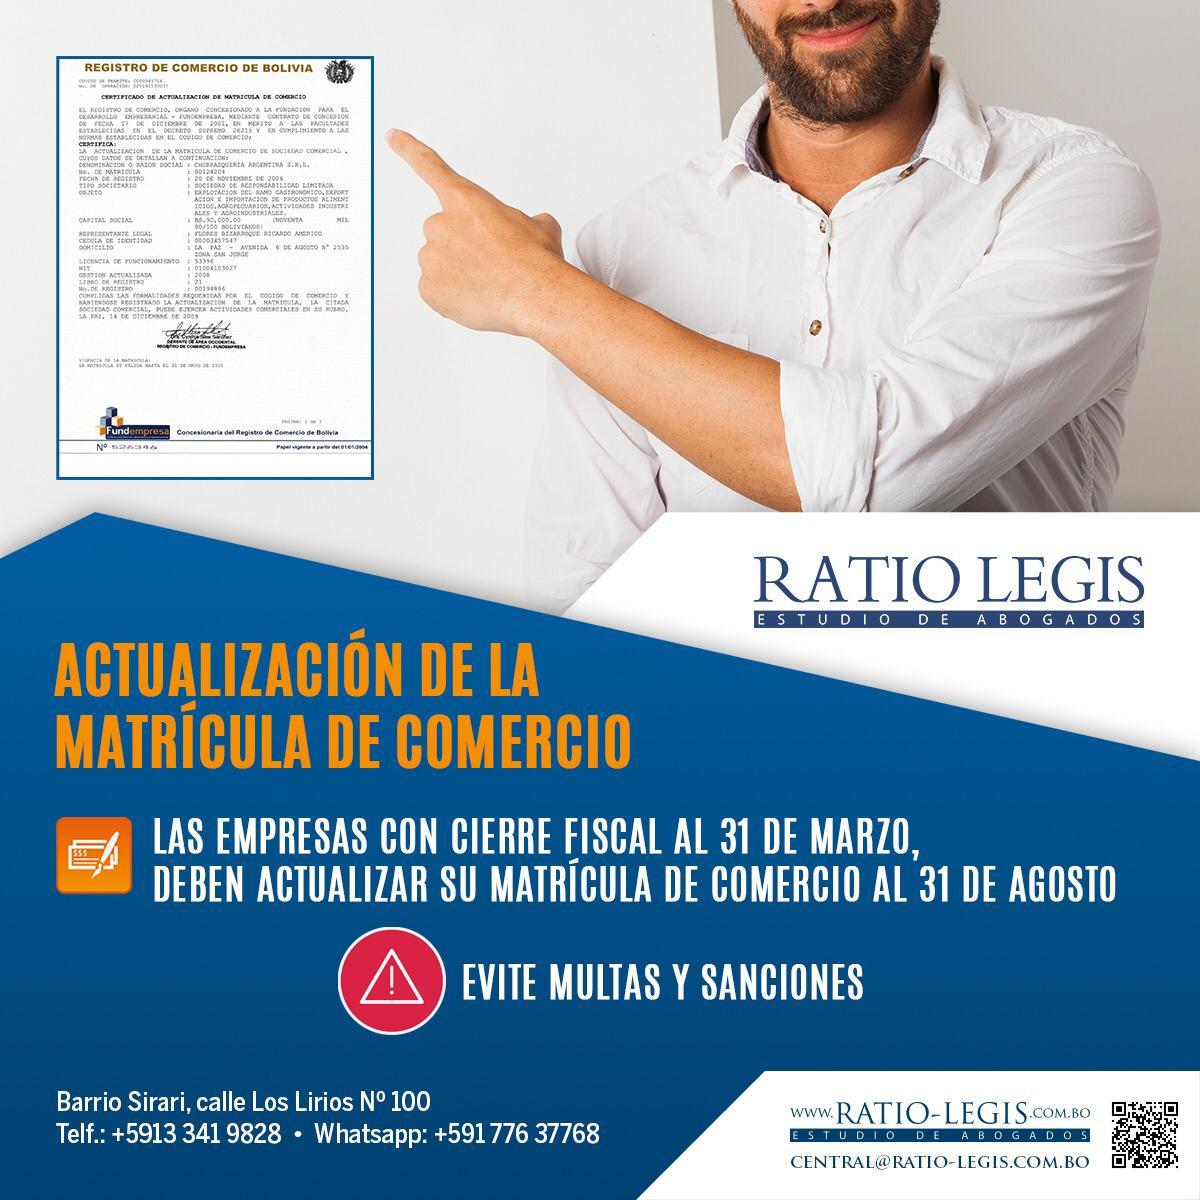 (Español) Actualización de la Matrícula de Comercio